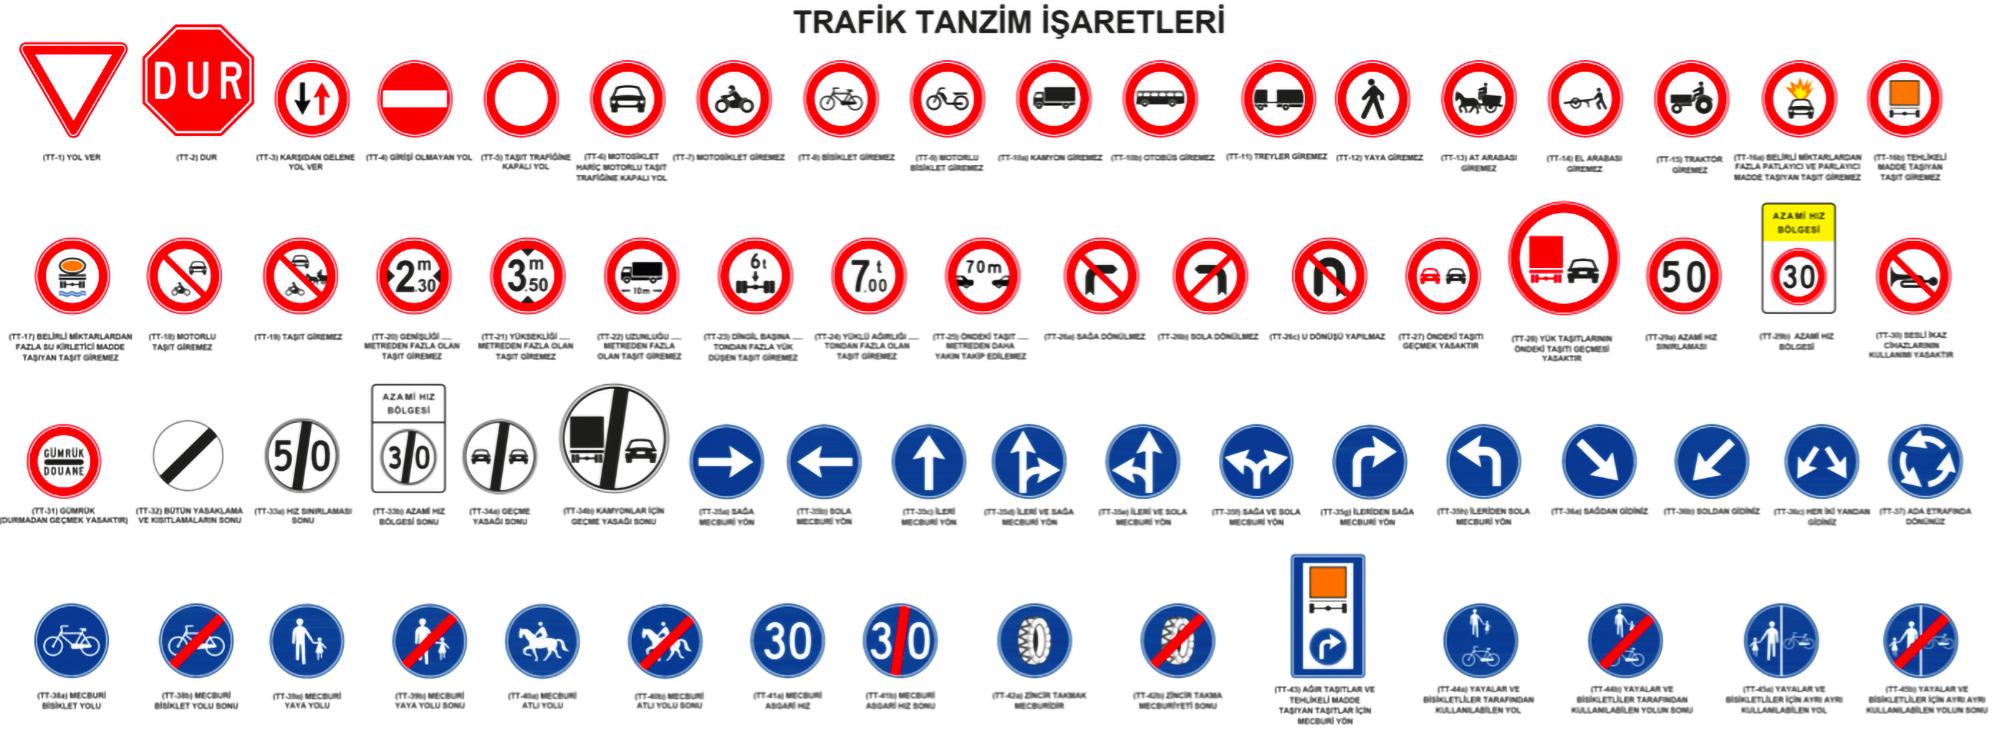 Güvenli Sürüş için Trafik Levha ve Anlamları 1997x1005 02 Levha